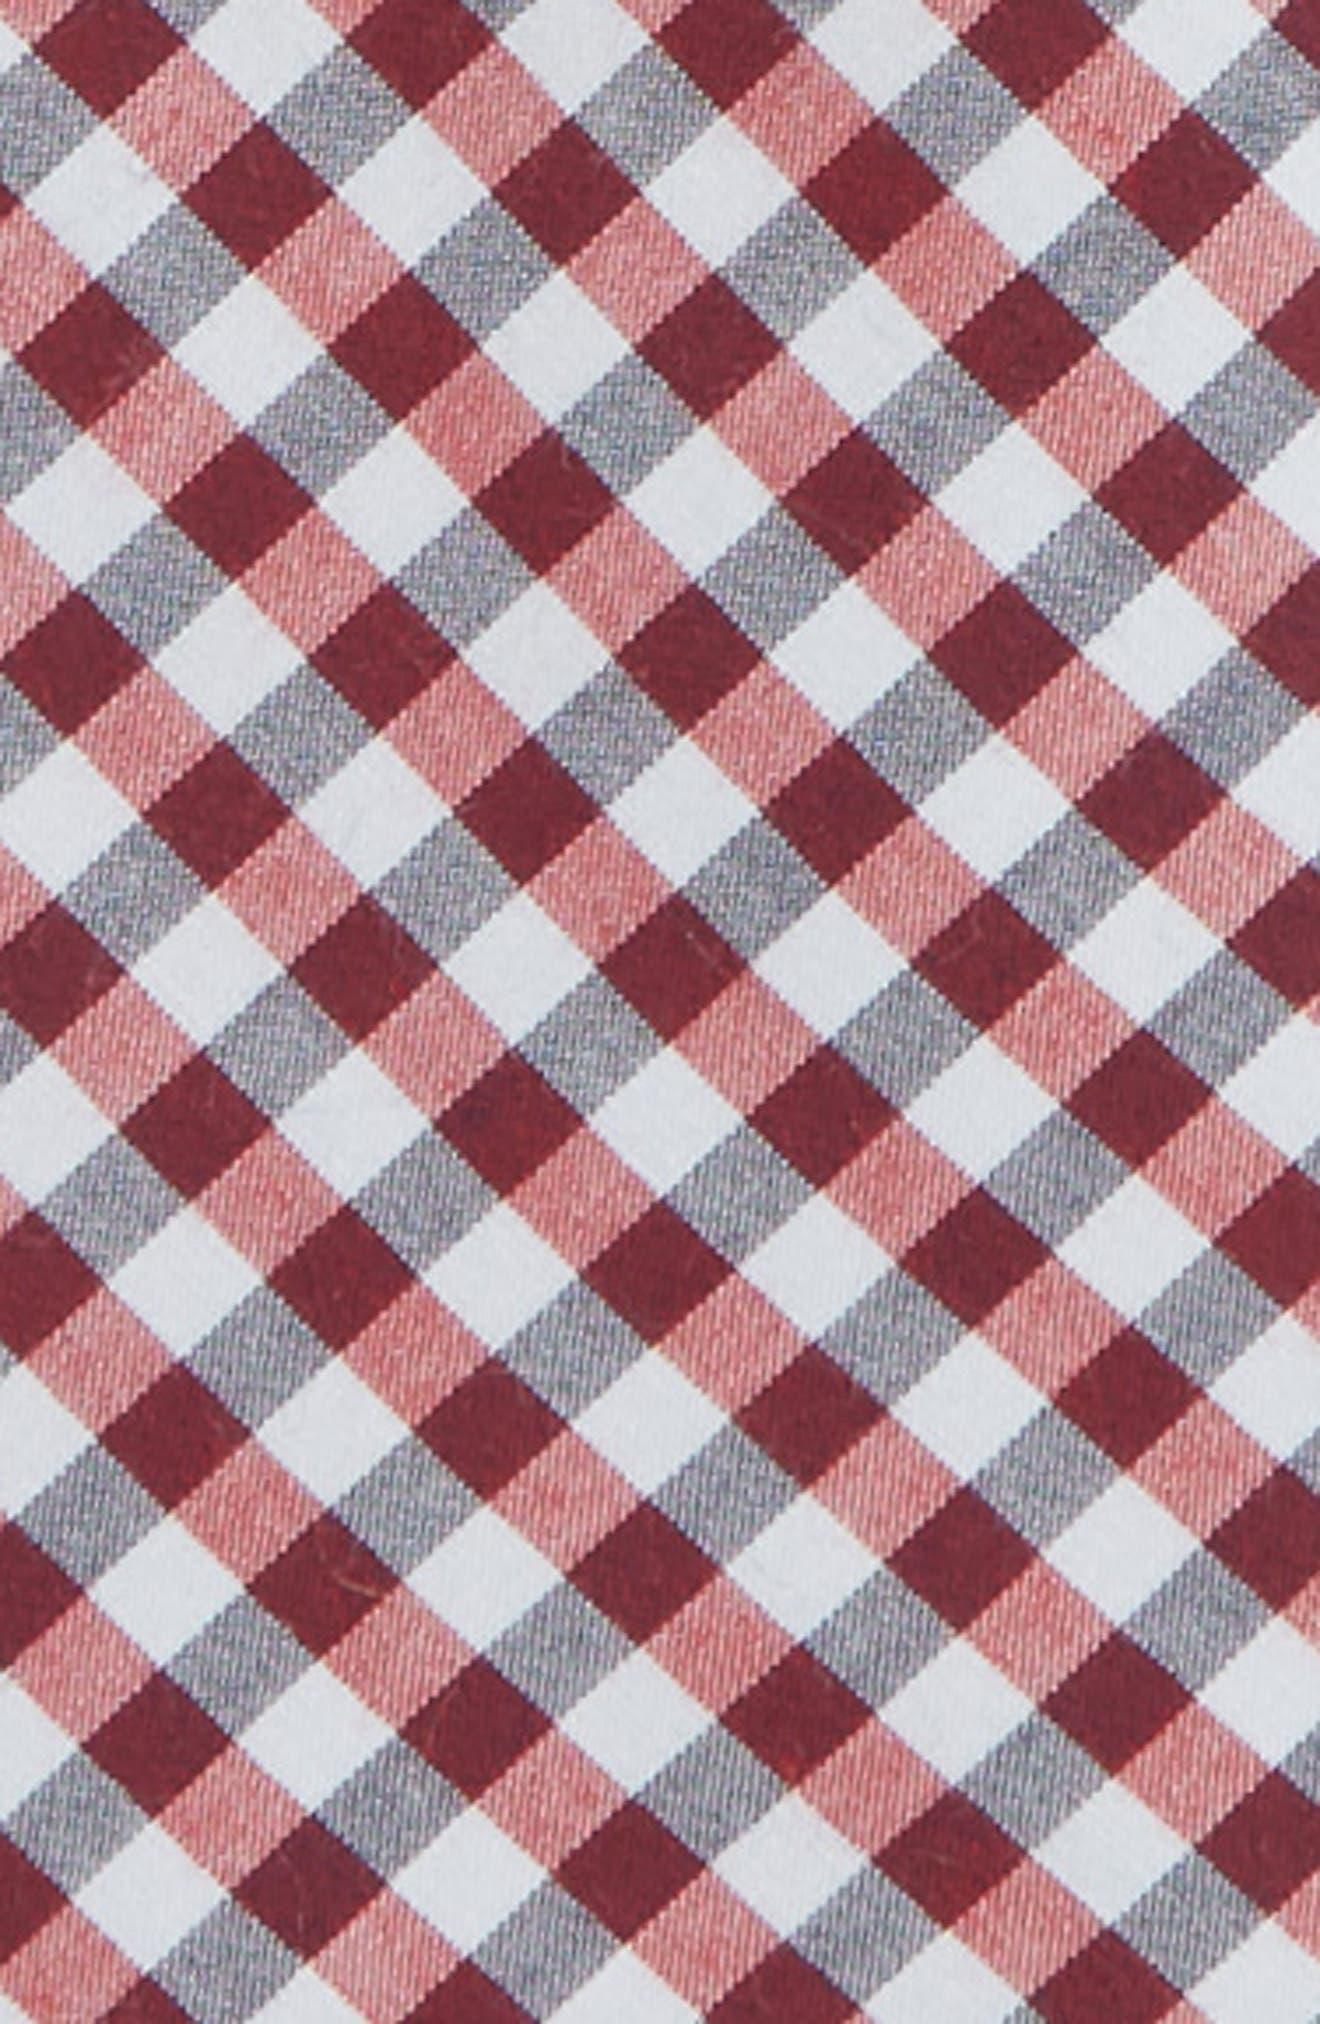 Plaid Cotton Zip Tie,                             Alternate thumbnail 2, color,                             RED